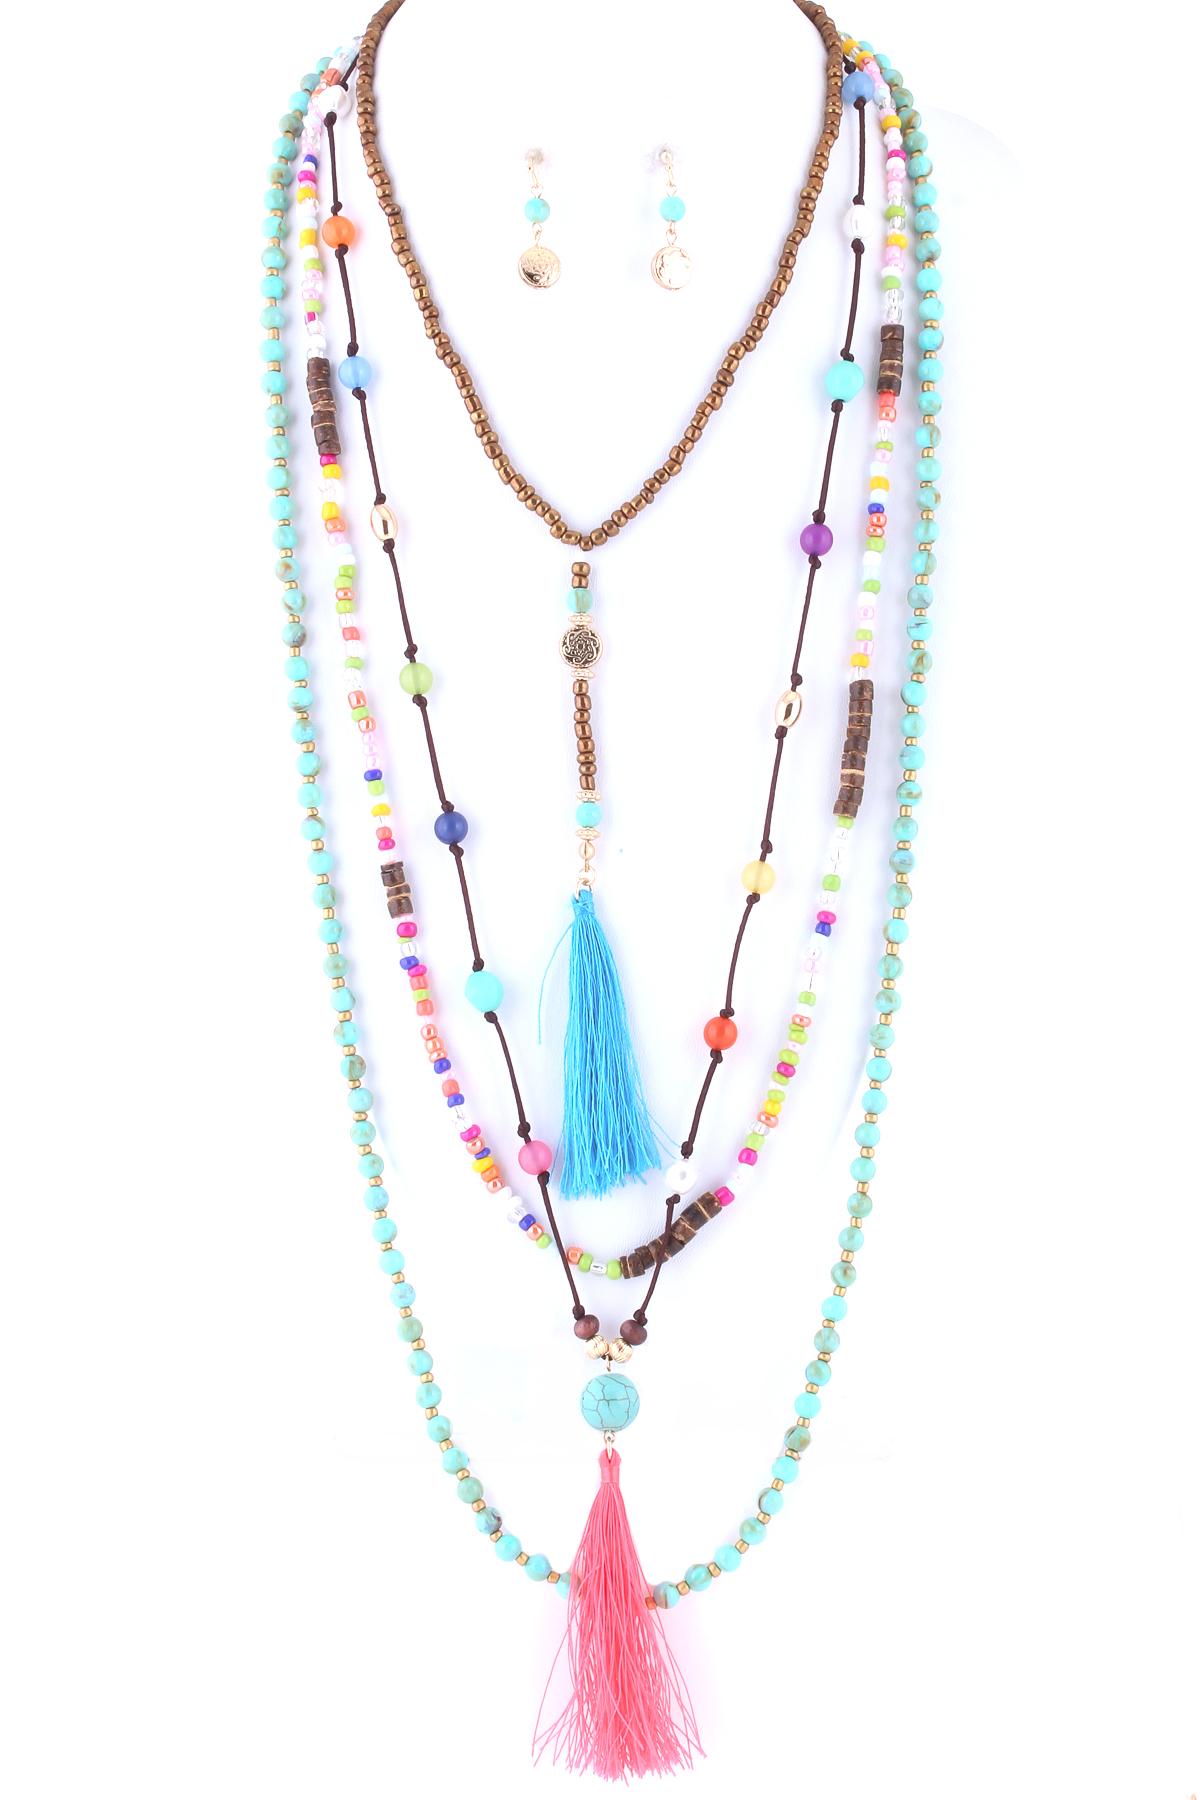 Lace Tassel choker Necklace | Layered choker necklace